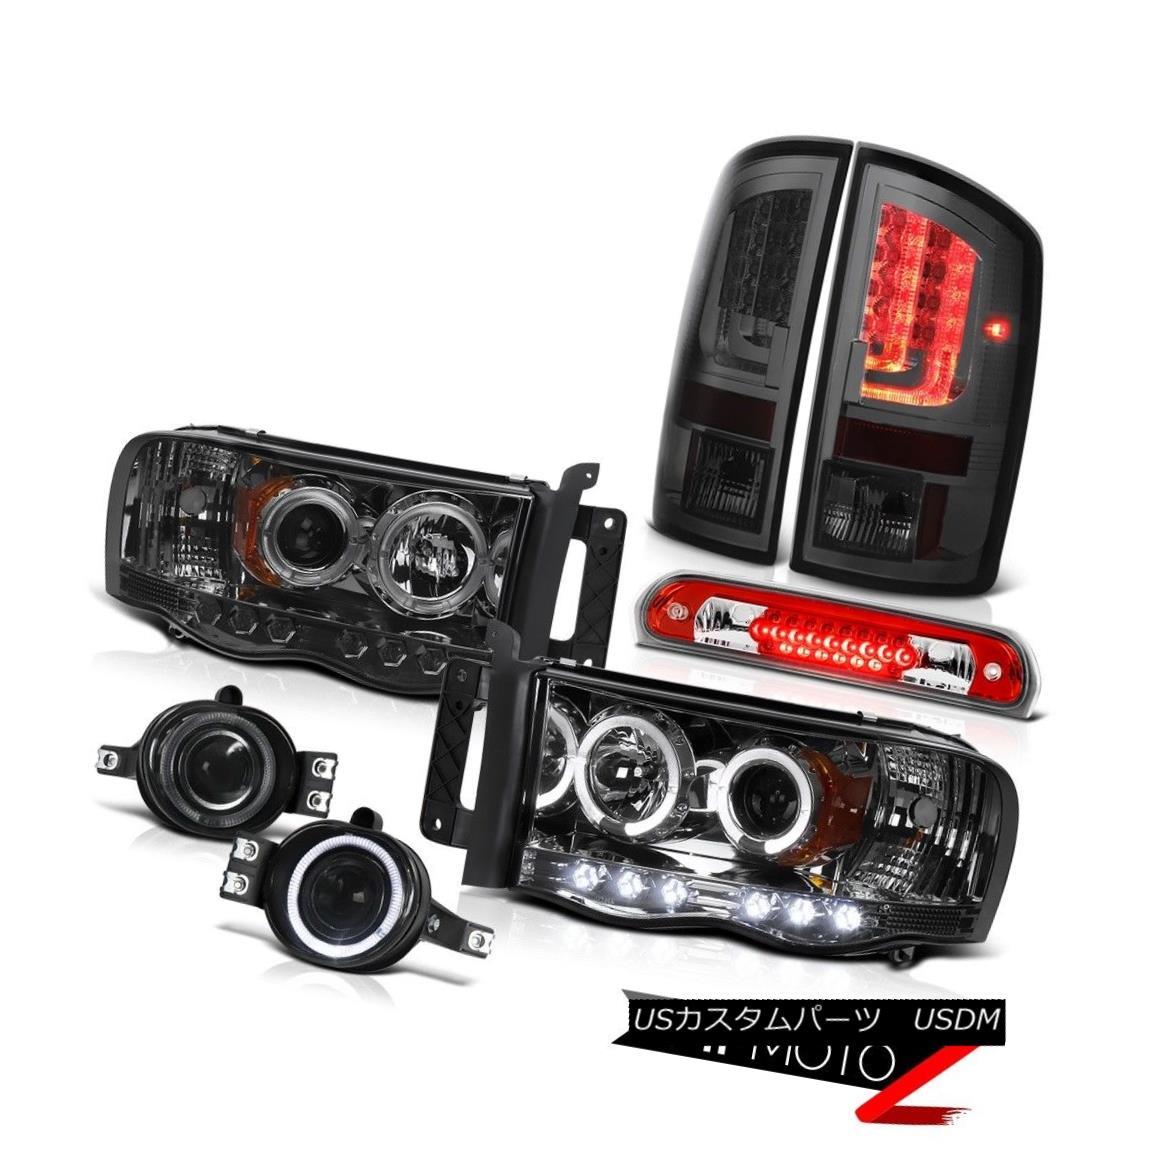 テールライト 2003-2005 Dodge Ram 2500 ST Tail Lights Headlights Fog Roof Cab Light Halo Rim 2003-2005 Dodge Ram 2500 STテールライトヘッドライトフォグルーフキャブライトHalo Rim